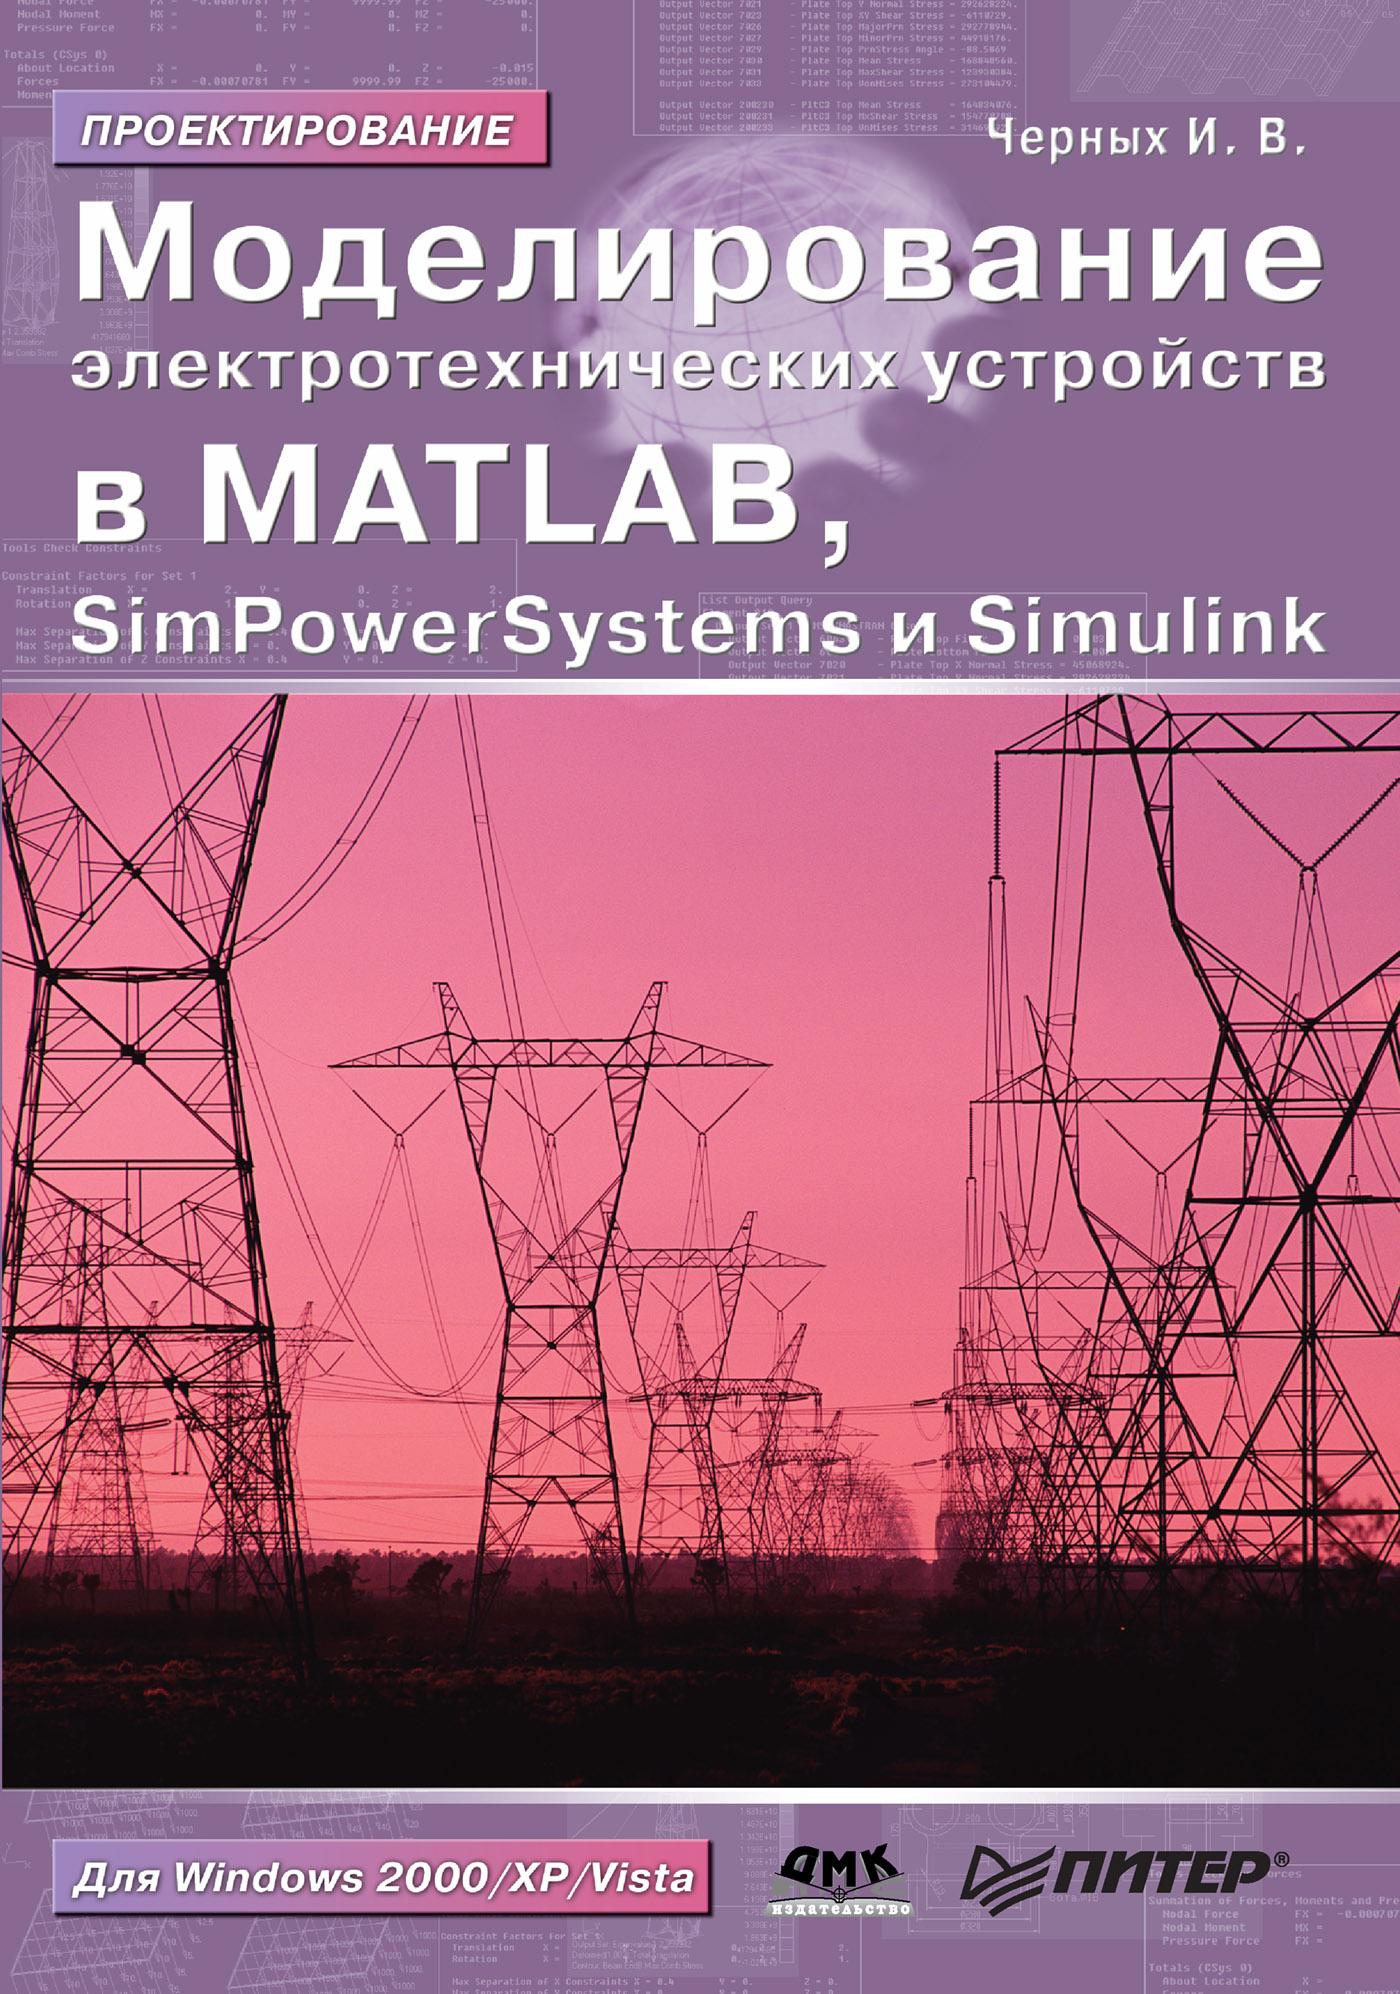 Илья Черных «Моделирование электротехнических устройств в MATLAB, SimPowerSystems и Simulink»